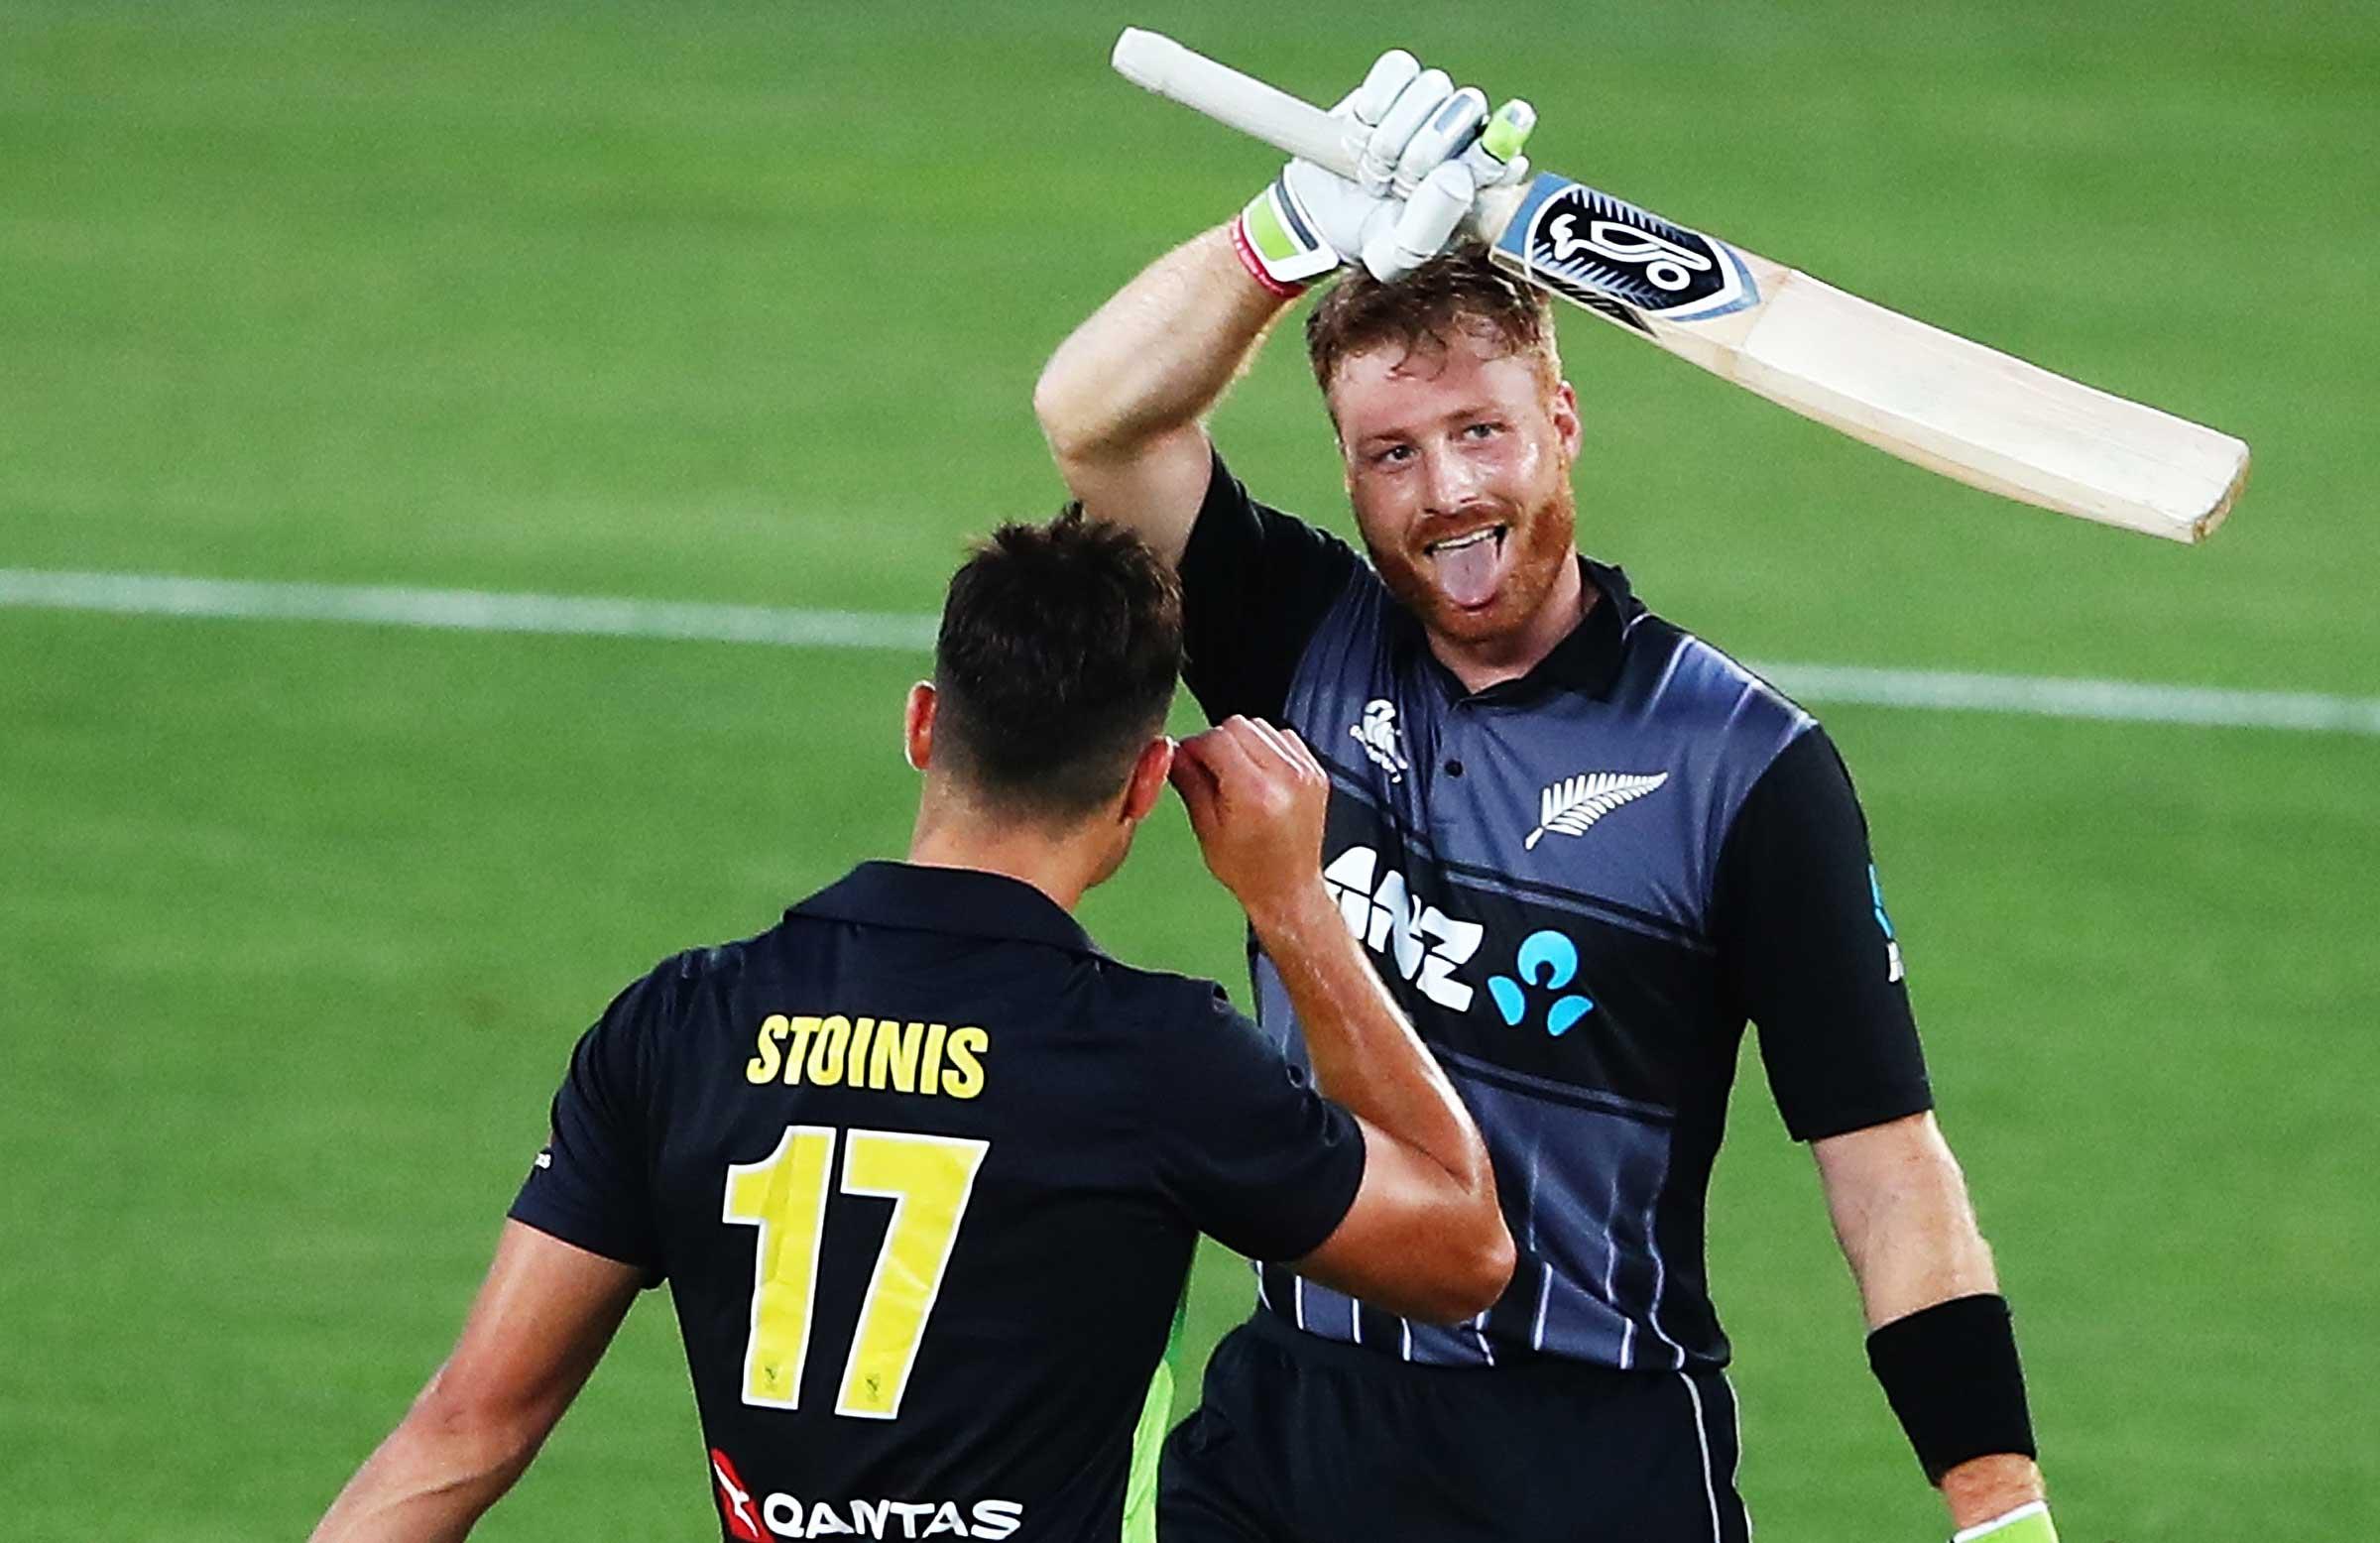 Guptill scored 105 off 49 deliveries. (Cricket Australia)